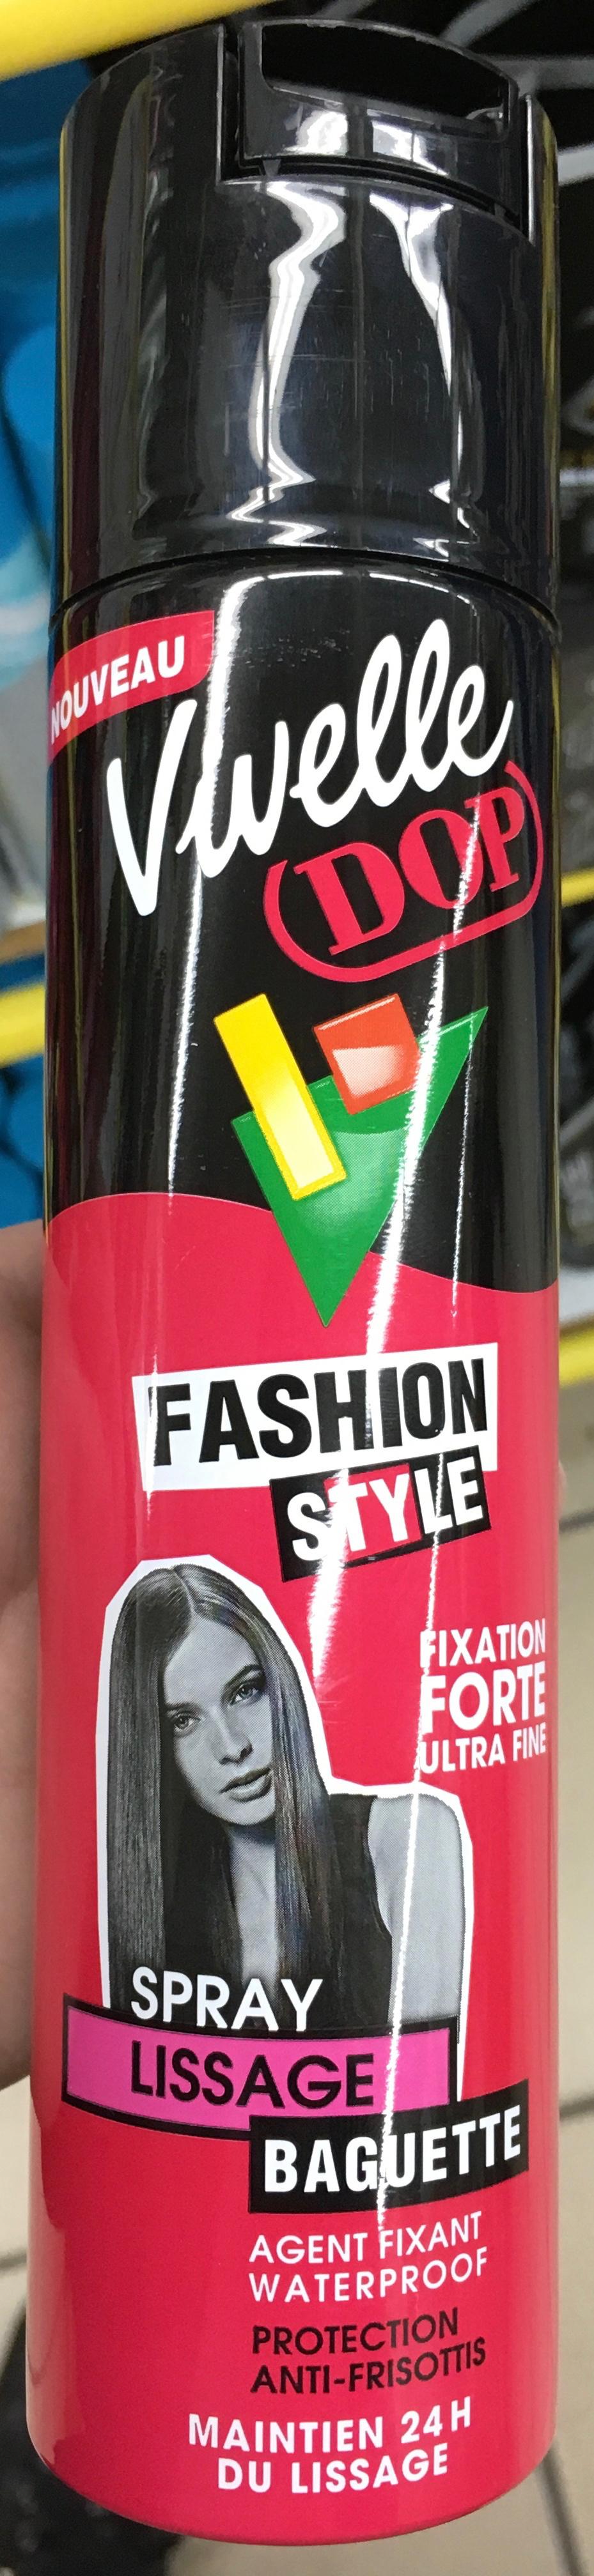 Fashion Style Spray Lissage Baguette - Produit - fr